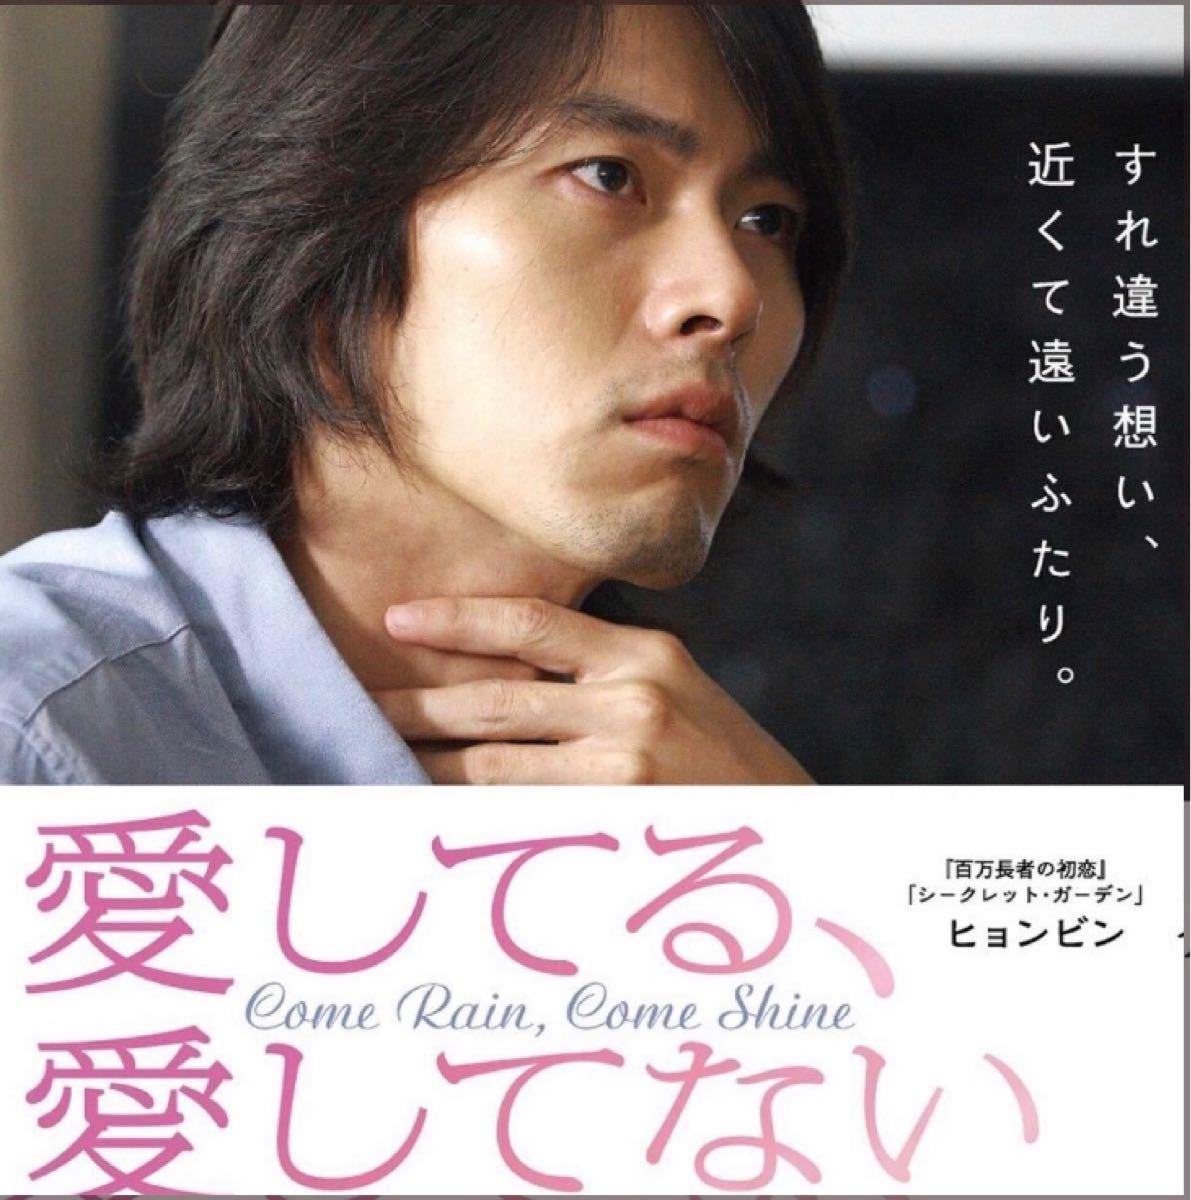 韓国映画  愛してる、愛してない  DVD  日本語吹替有り  レーベル有り  ヒョンビン